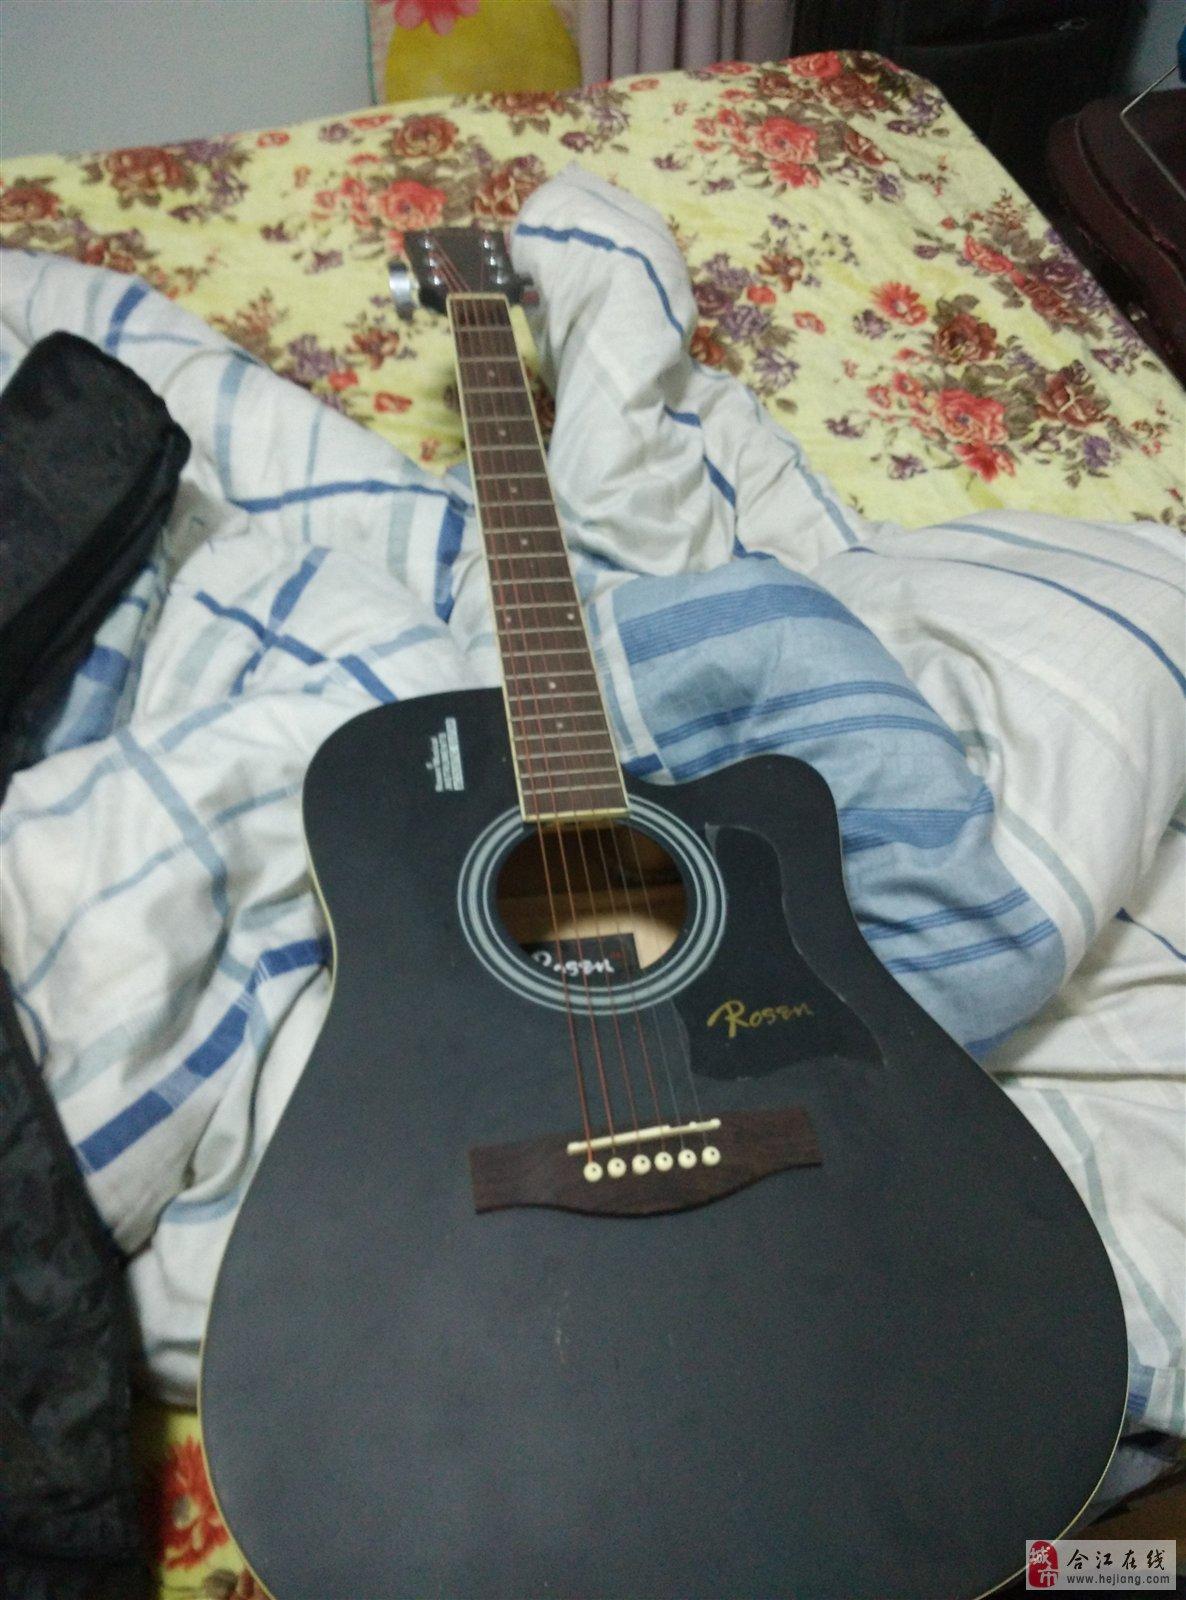 黑色基本全新的吉他